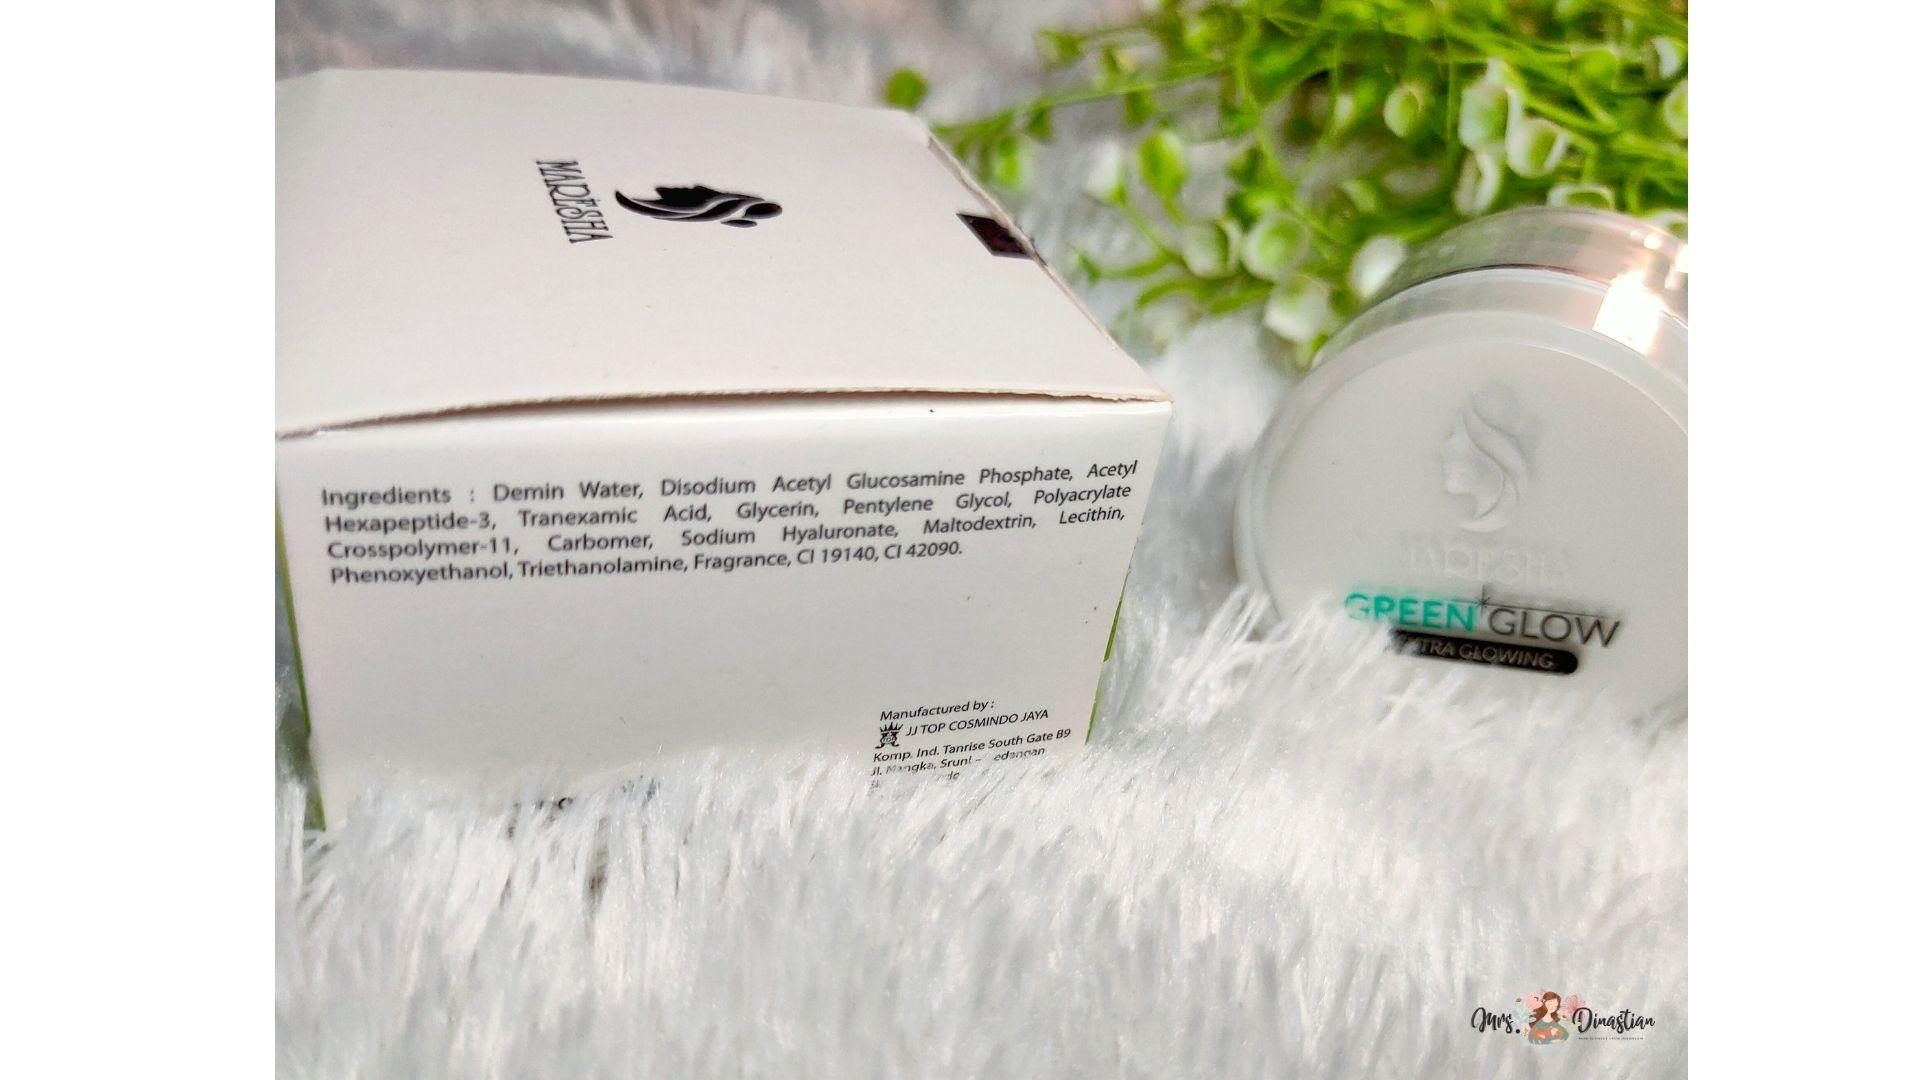 Ingredients Green Glow Maresha Skincare